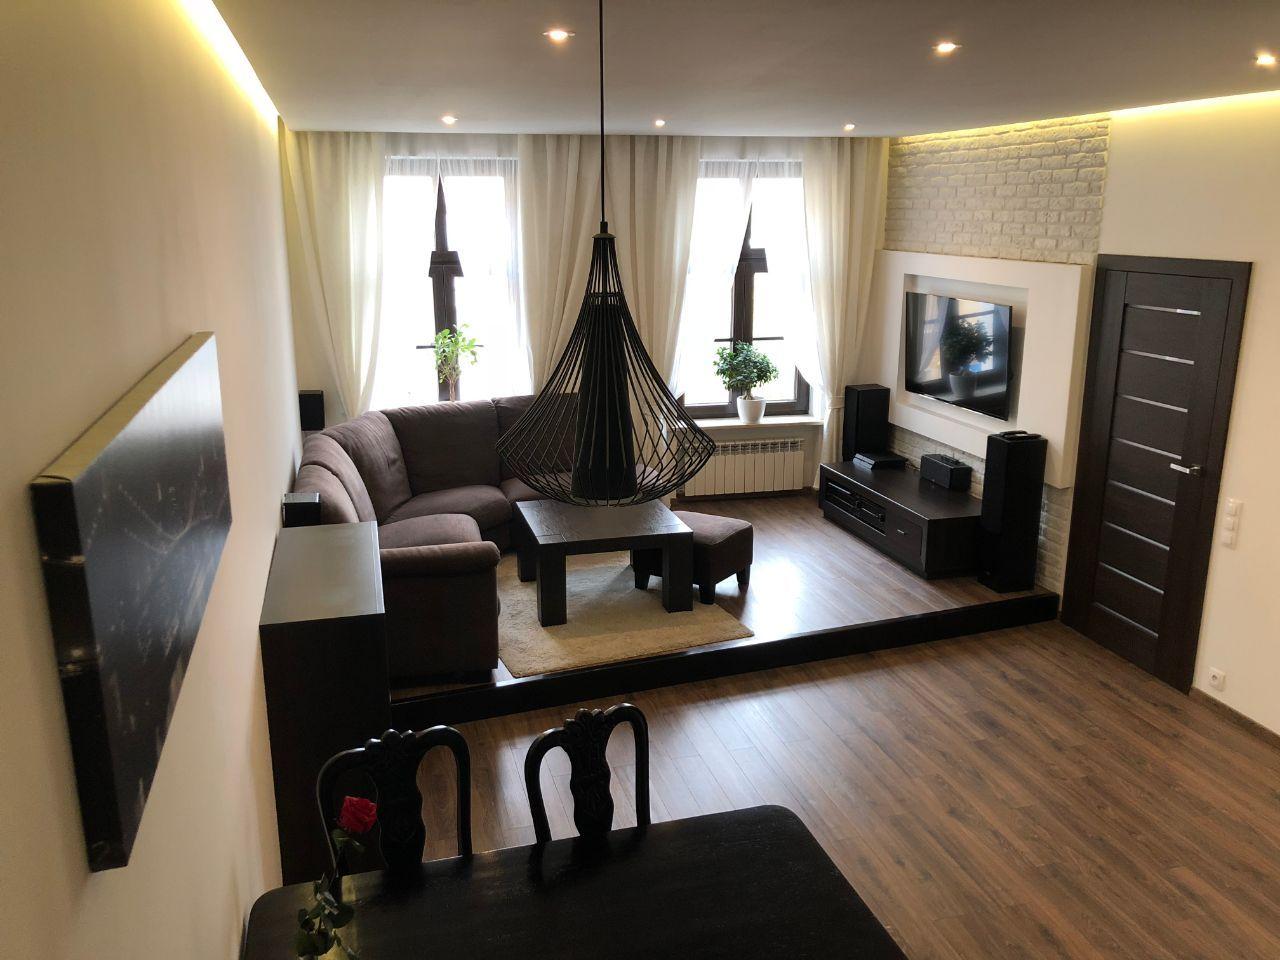 Апартамент в центре Познани 79,6 м2